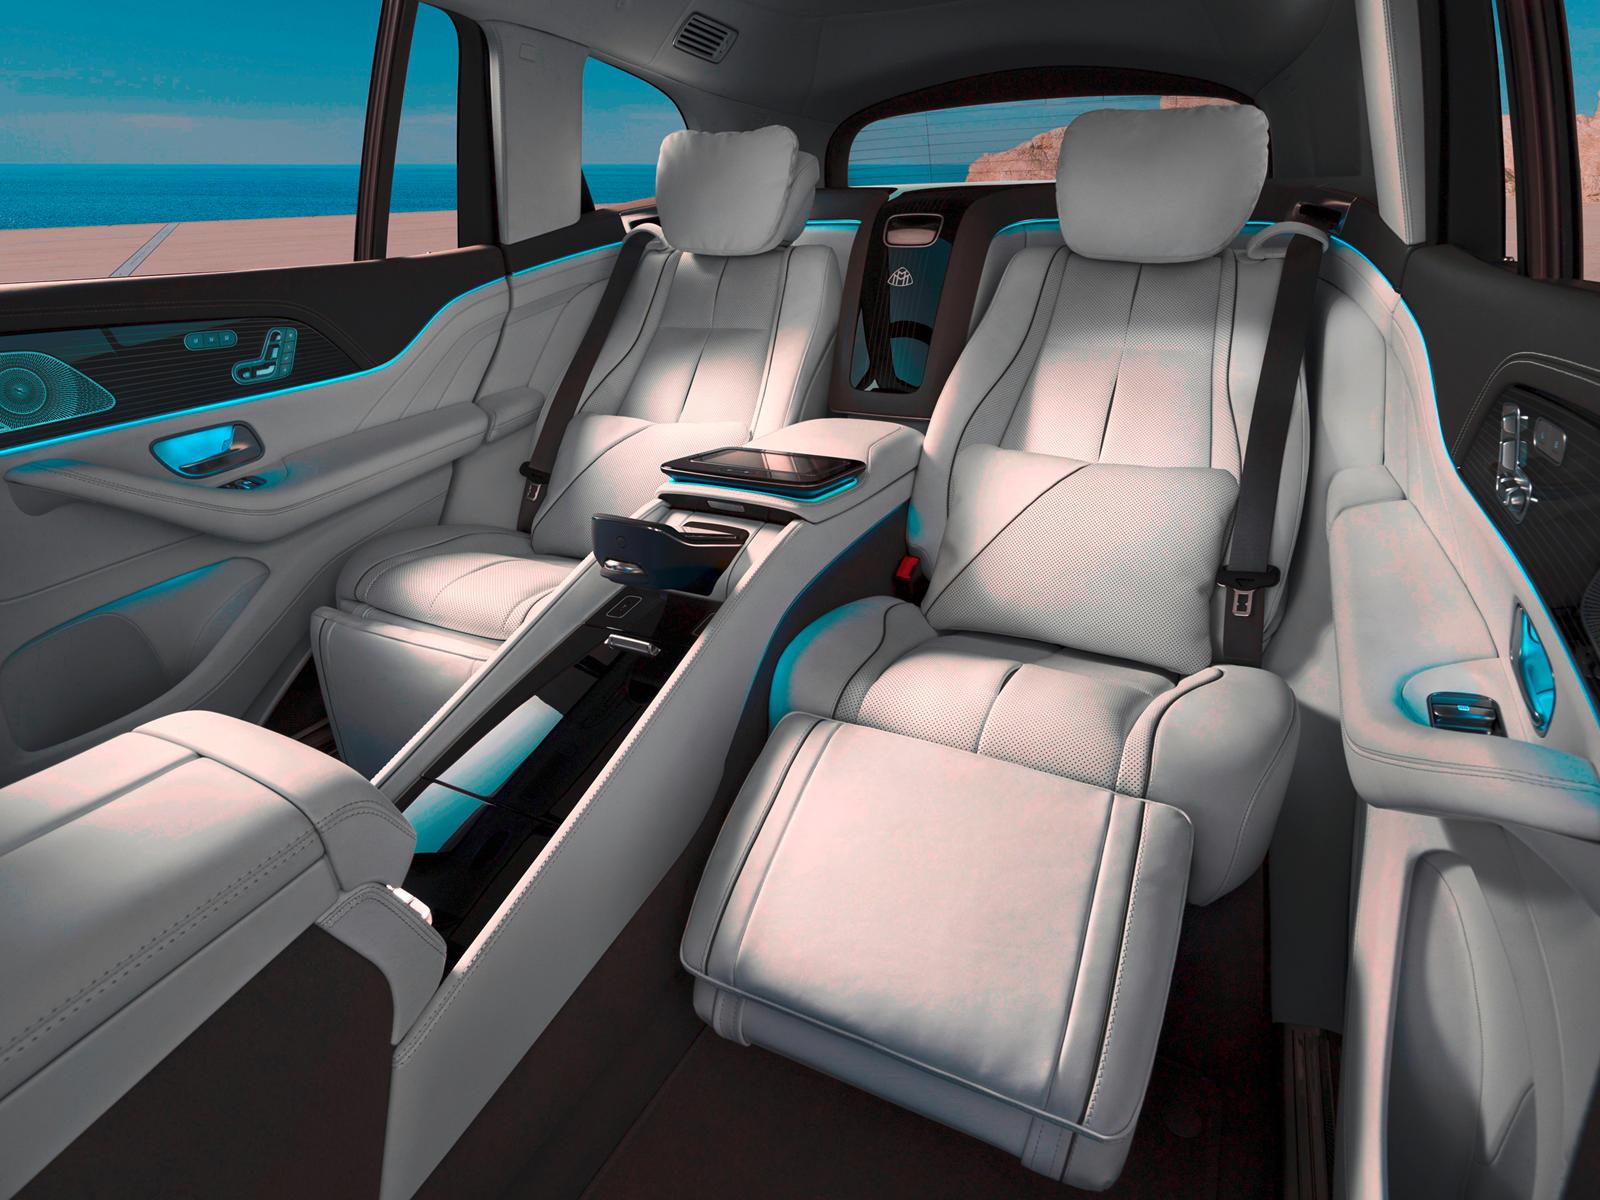 Большинству из нас, простых смертных, нового Mercedes-Benz S-Class хватит для ежедневных поездок. У него один из самых роскошных и инновационных интерьеров в мире, и вскоре его превзойдут гибридные варианты AMG с нереальной выходной мощностью.